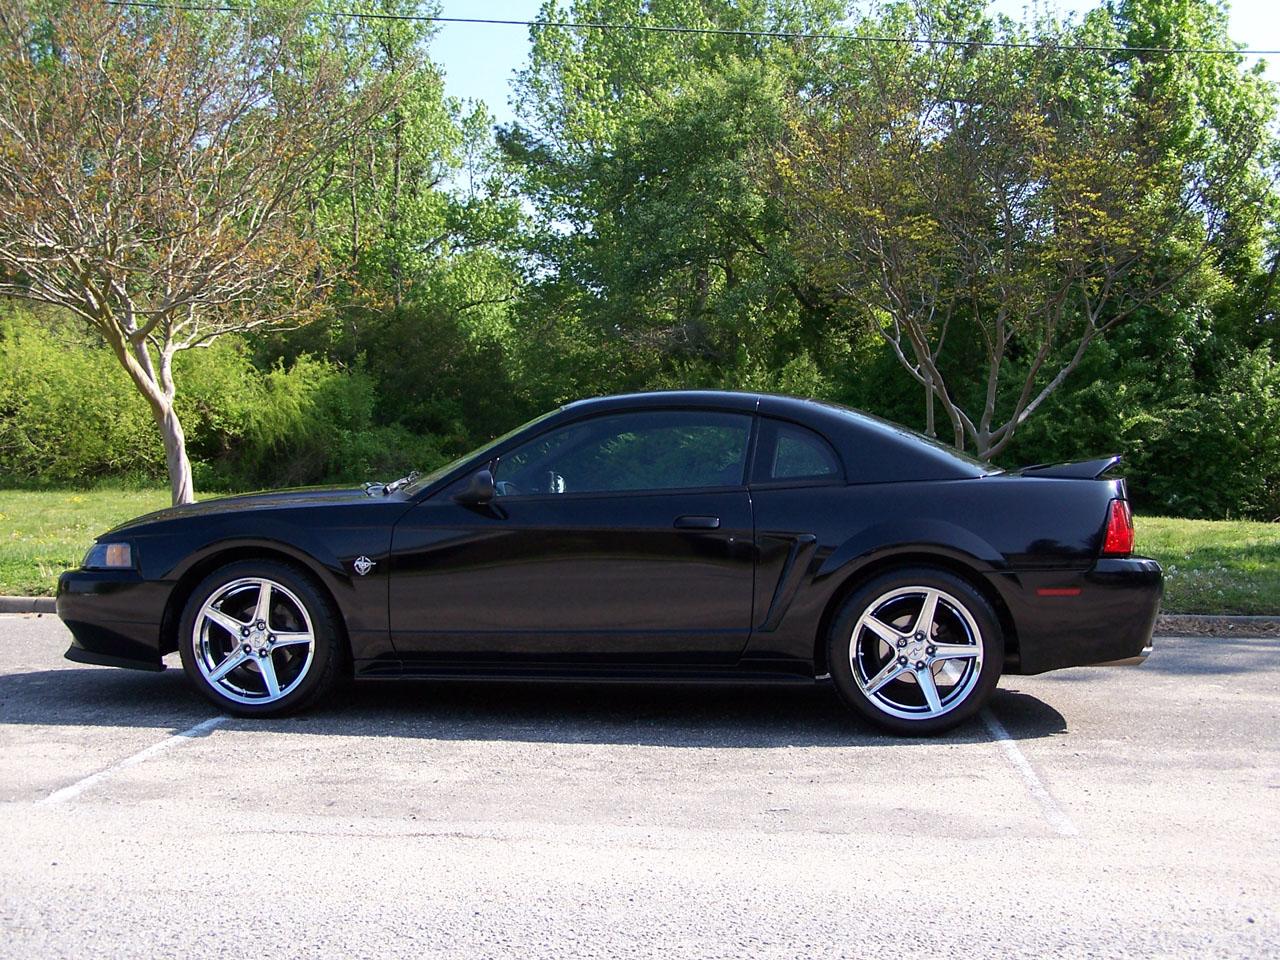 1999 Mustang GT